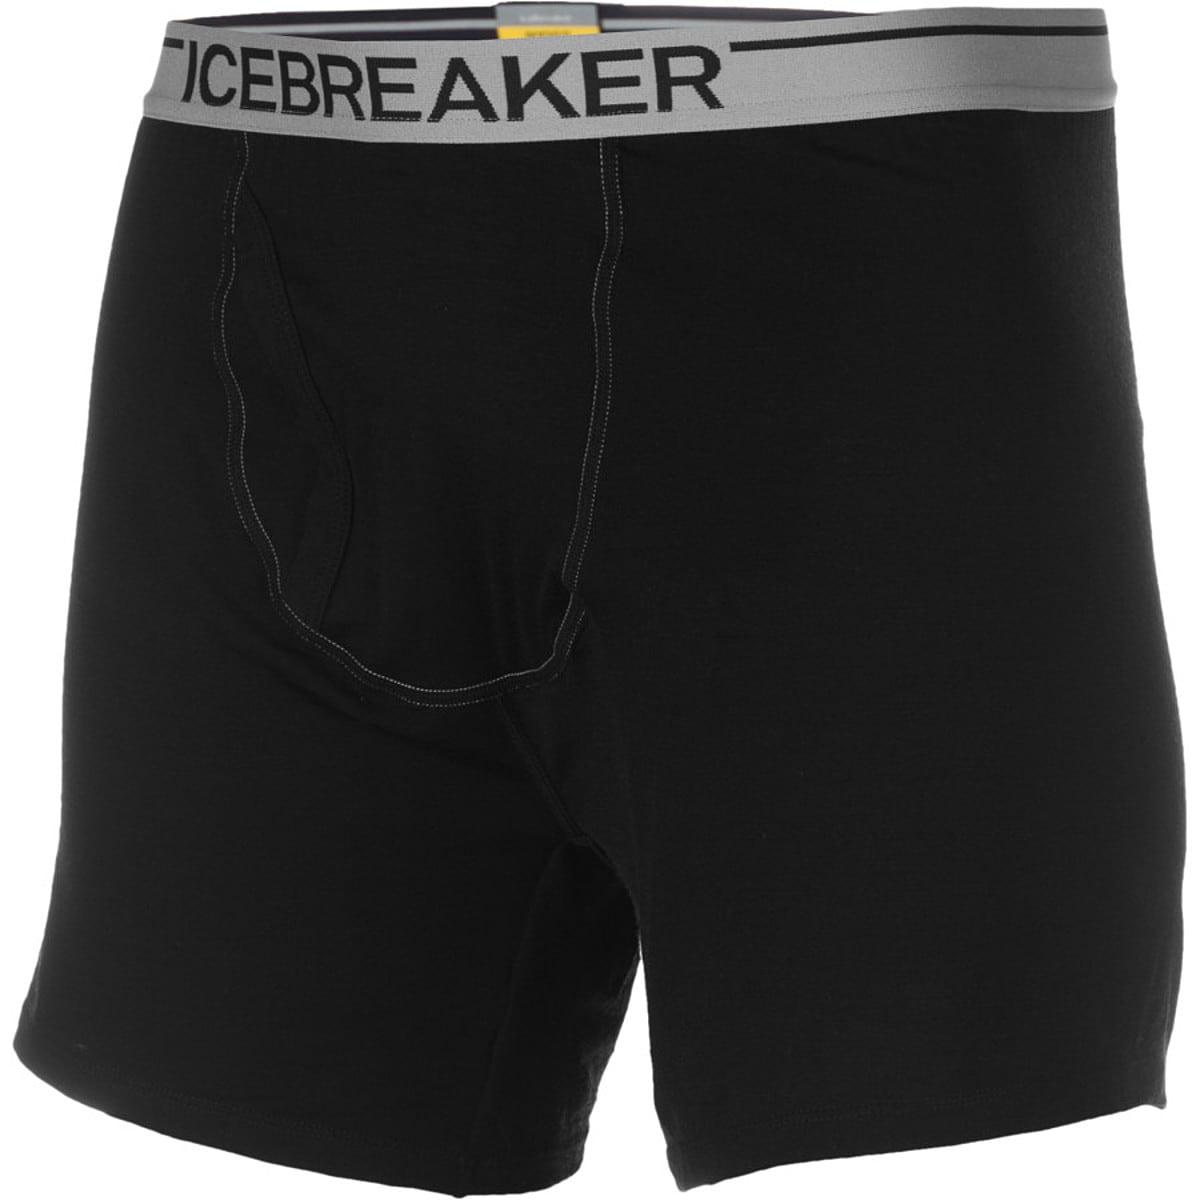 Icebreaker Relaxed Boxer